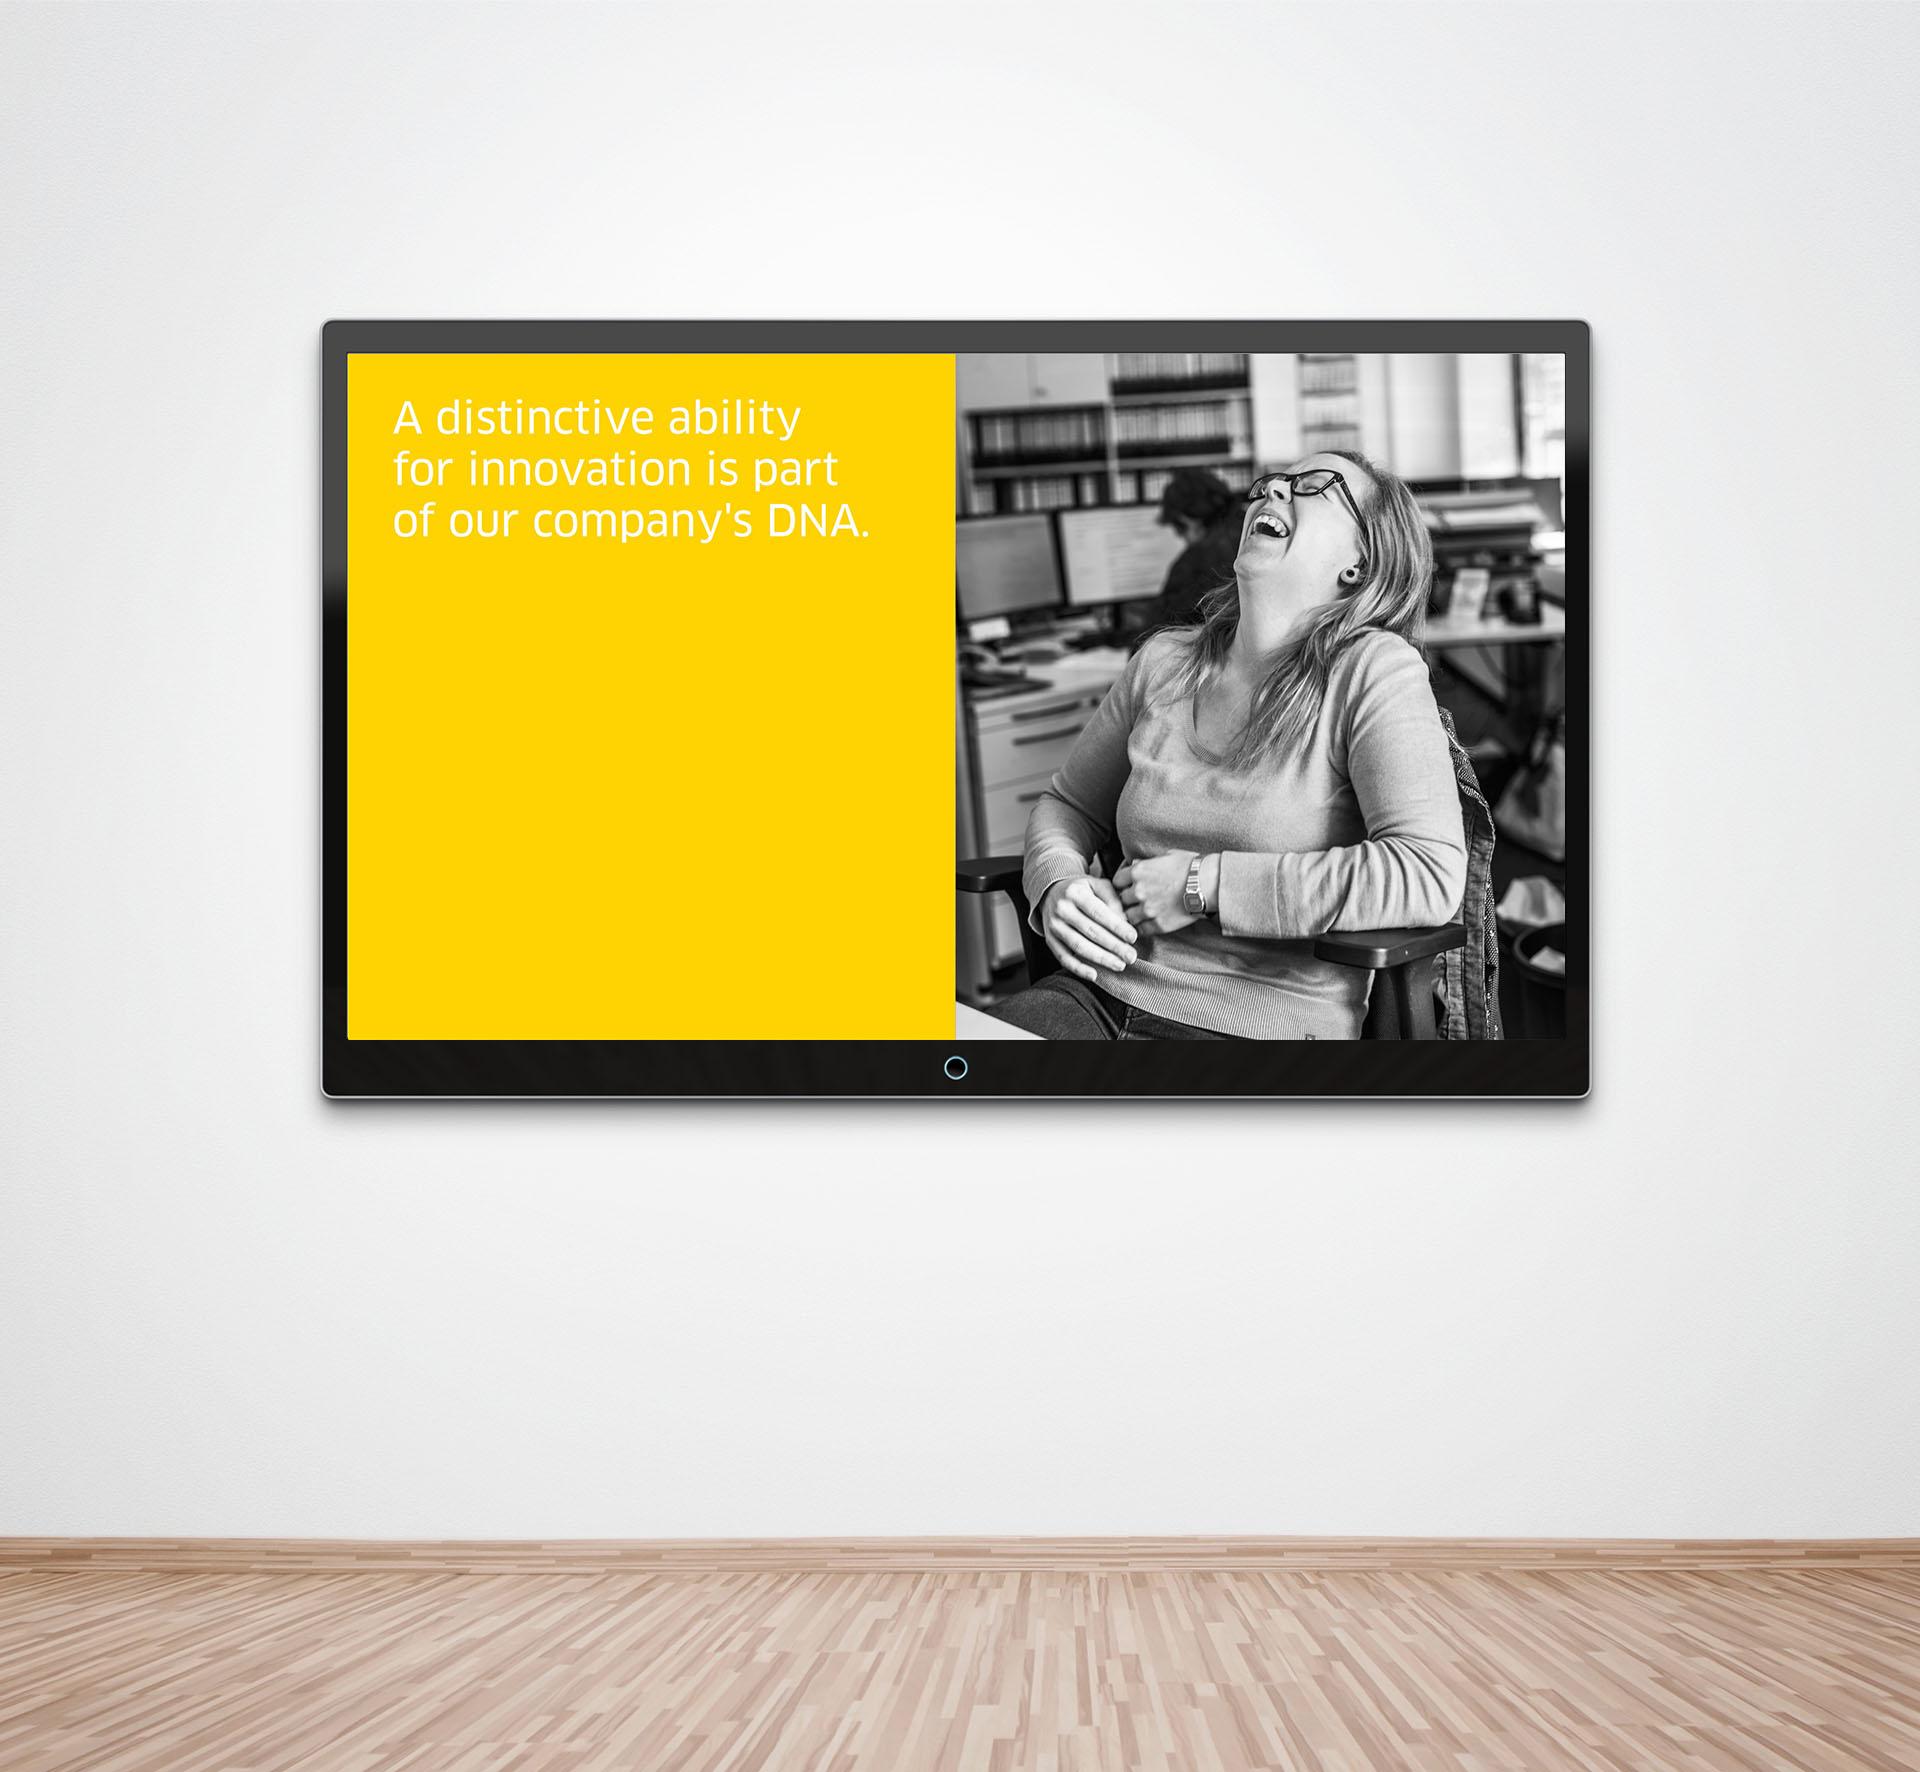 KD Animation Mockup 07 - Werbung für einen Hidden Champion? Will doch keiner hören. Aber sehen. – Corporate Design, Grafikdesign, Kommunikationsdesign, Markenentwicklung, Mediendesign